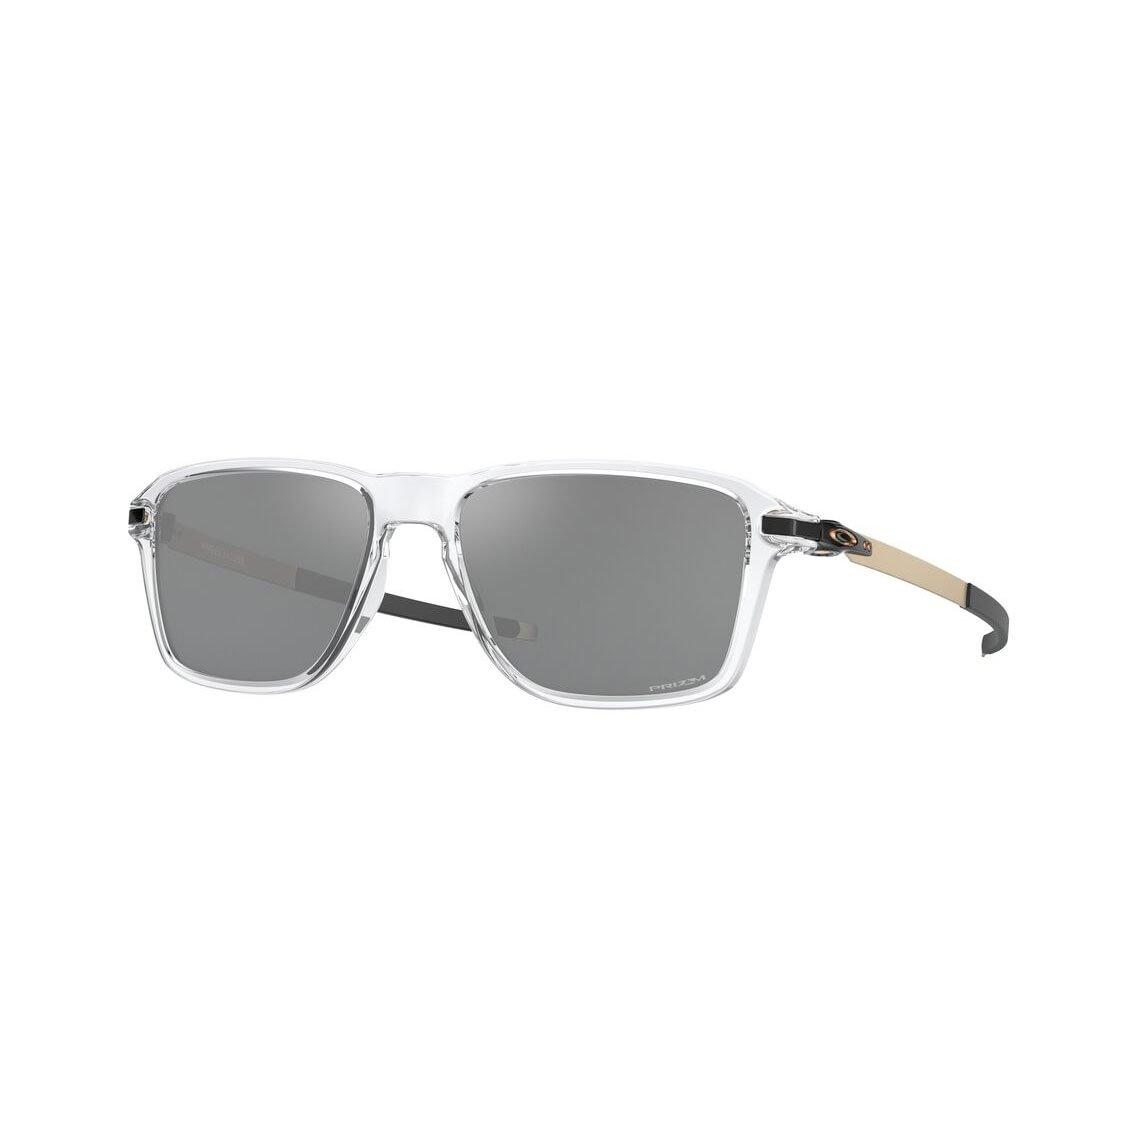 Ottico-Roggero-occhiale-sole-OAKLEY-Wheel-House-oo-9469-0554